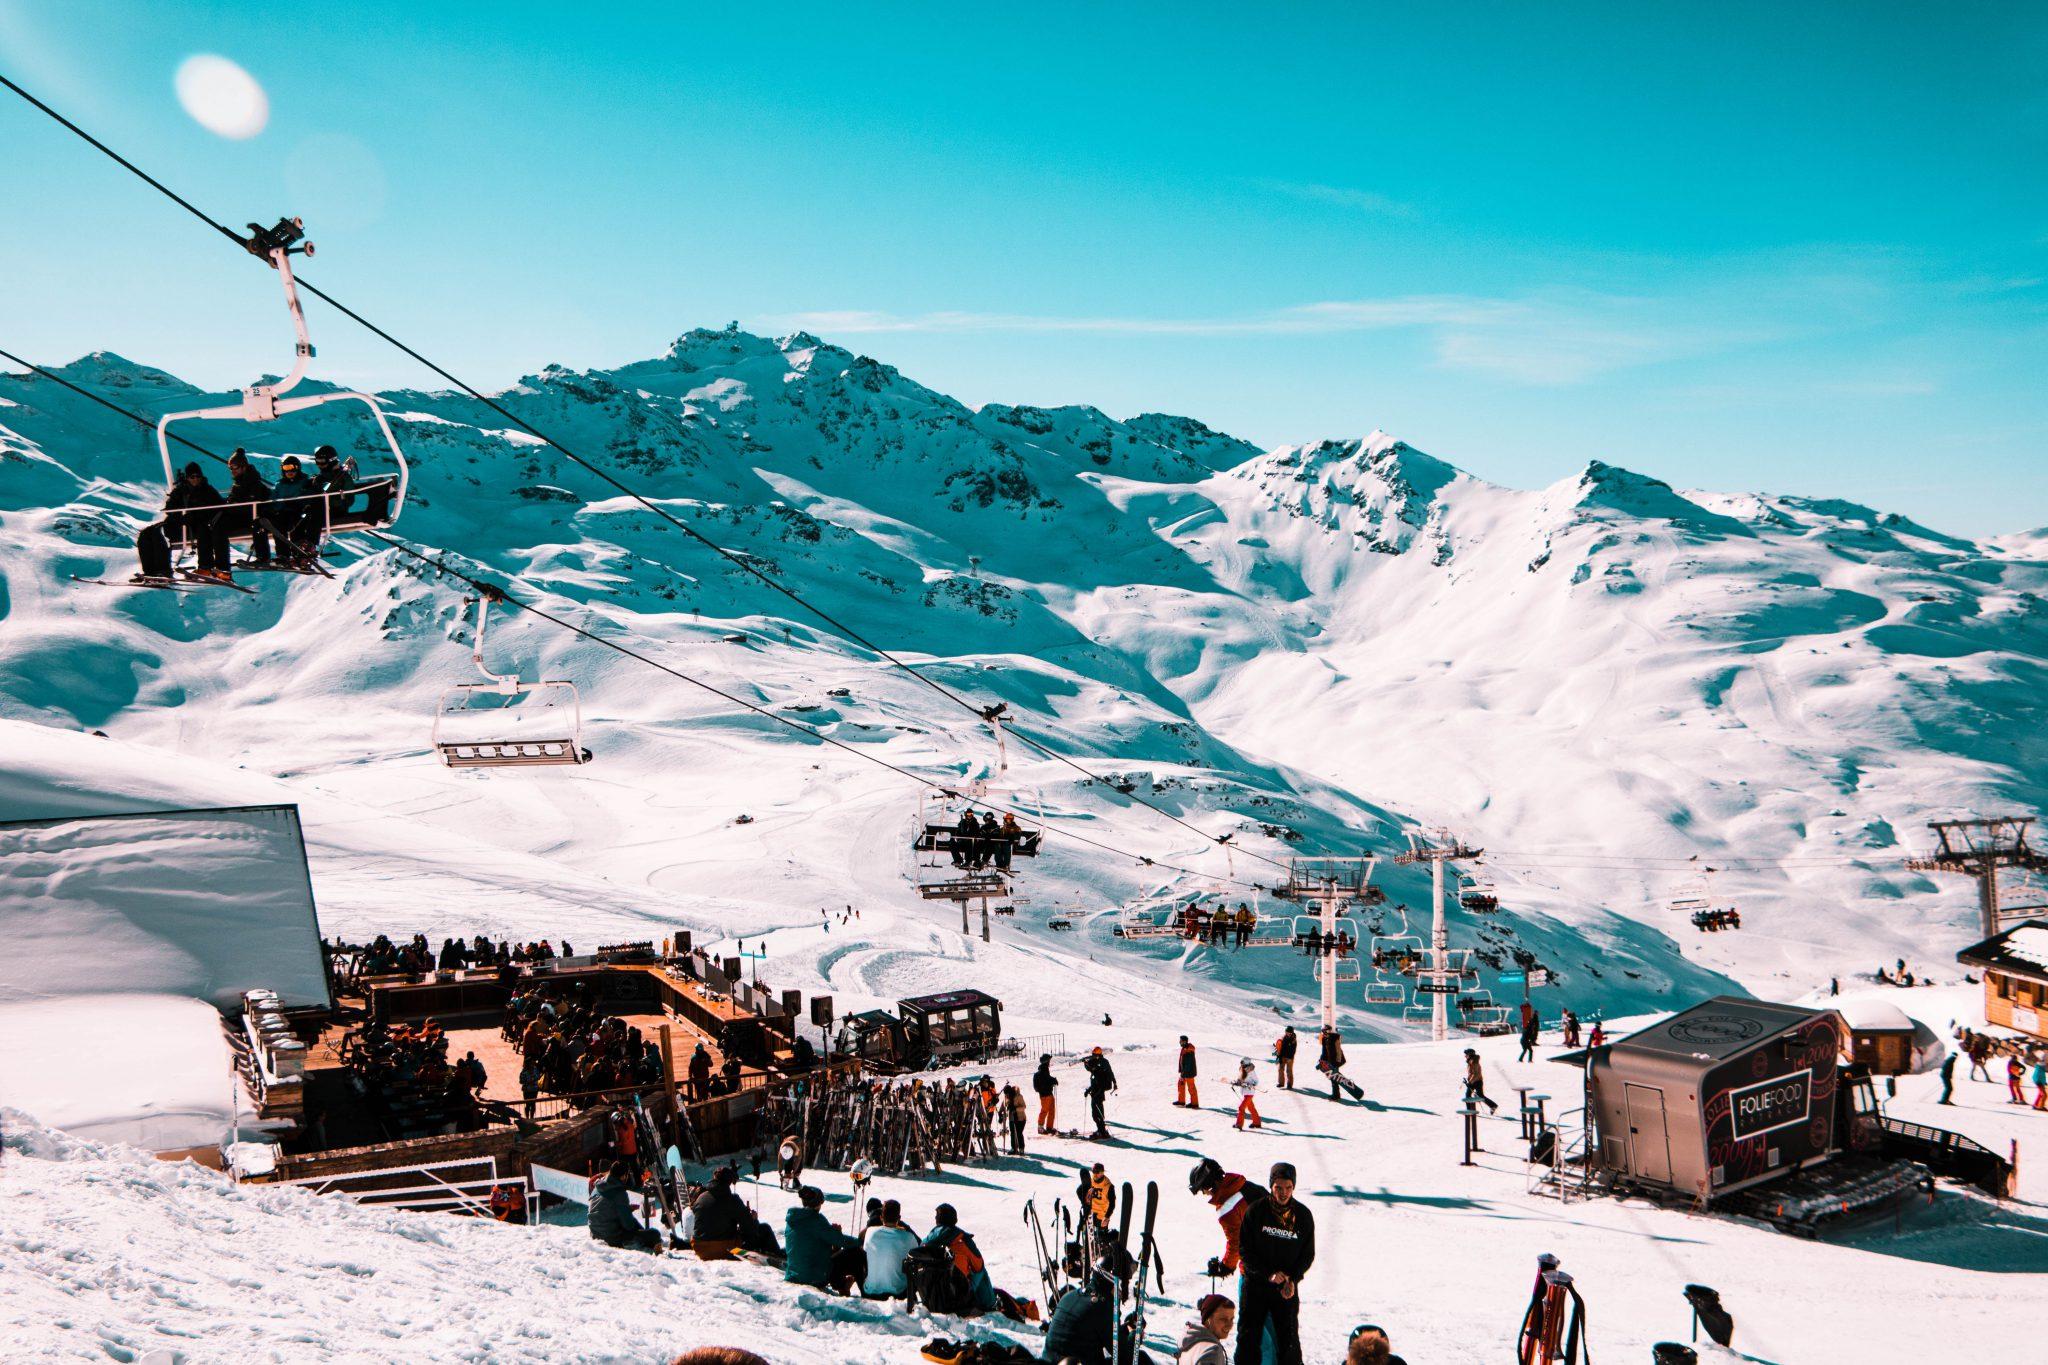 Val Thorens, l'une des meilleures stations de ski des Alpes